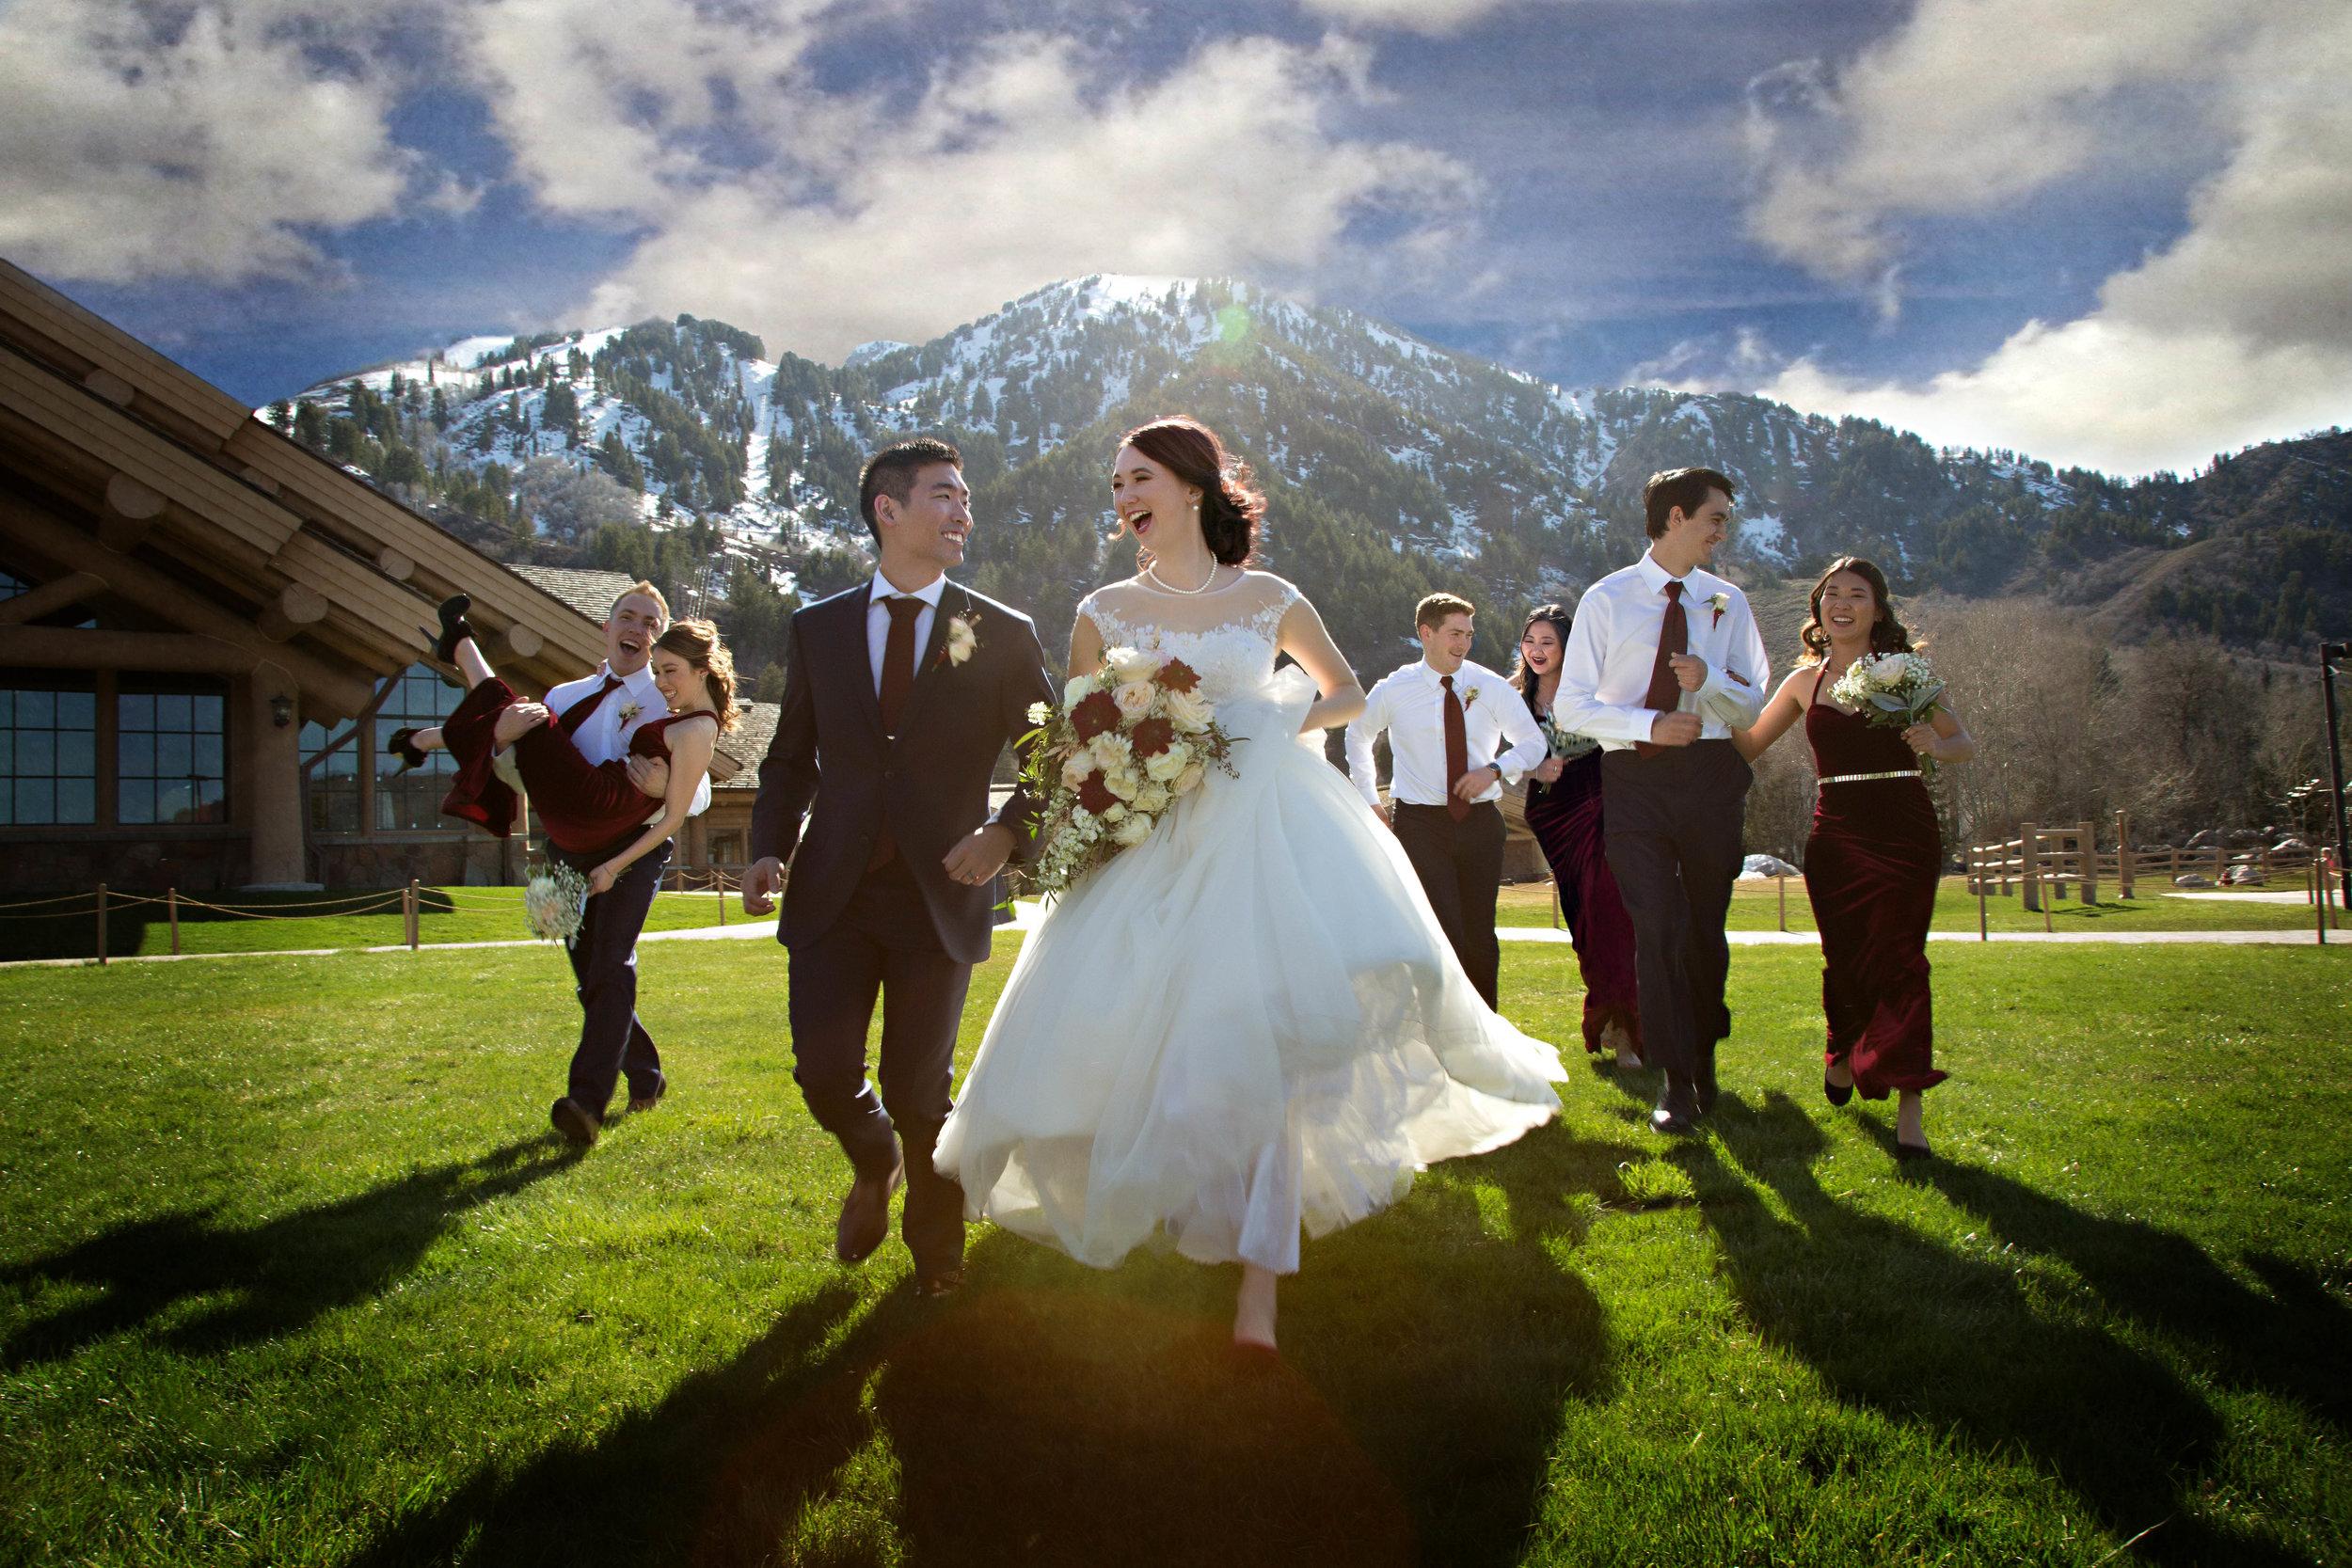 snowbasin-weddings-utah.jpg